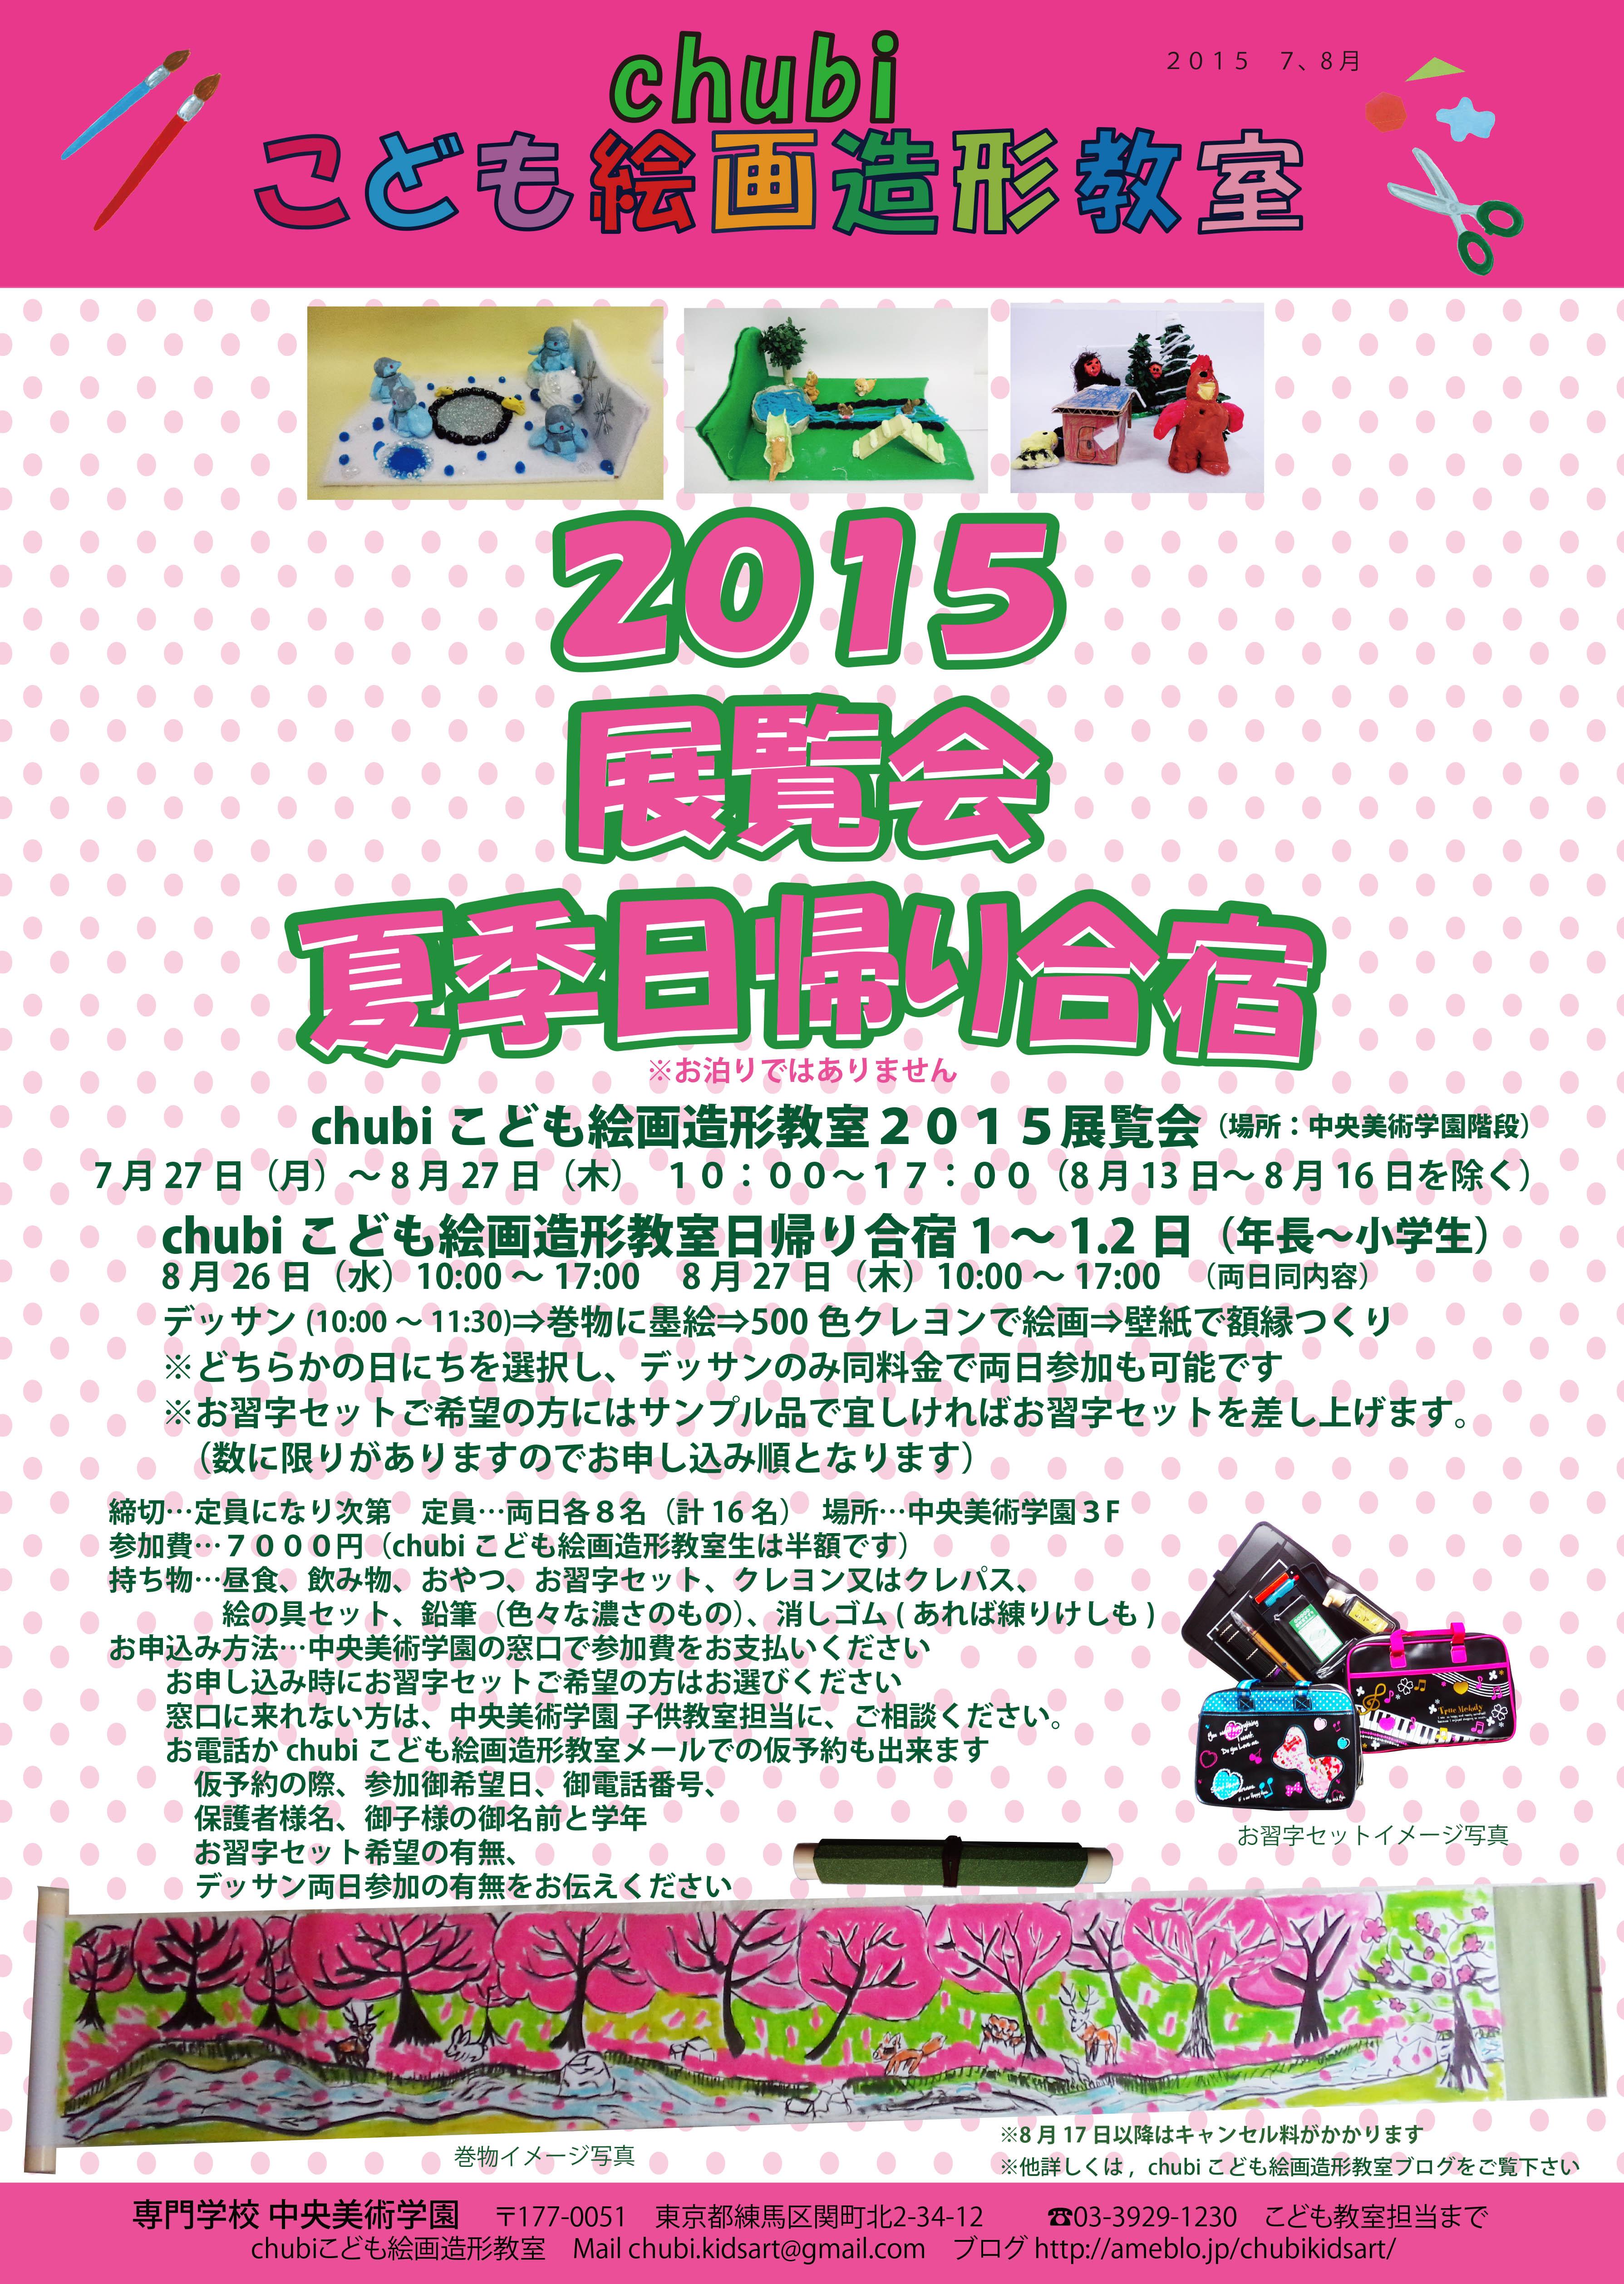 2015chubiこども絵画造形教室 展覧会 夏季イベント チラシ2B